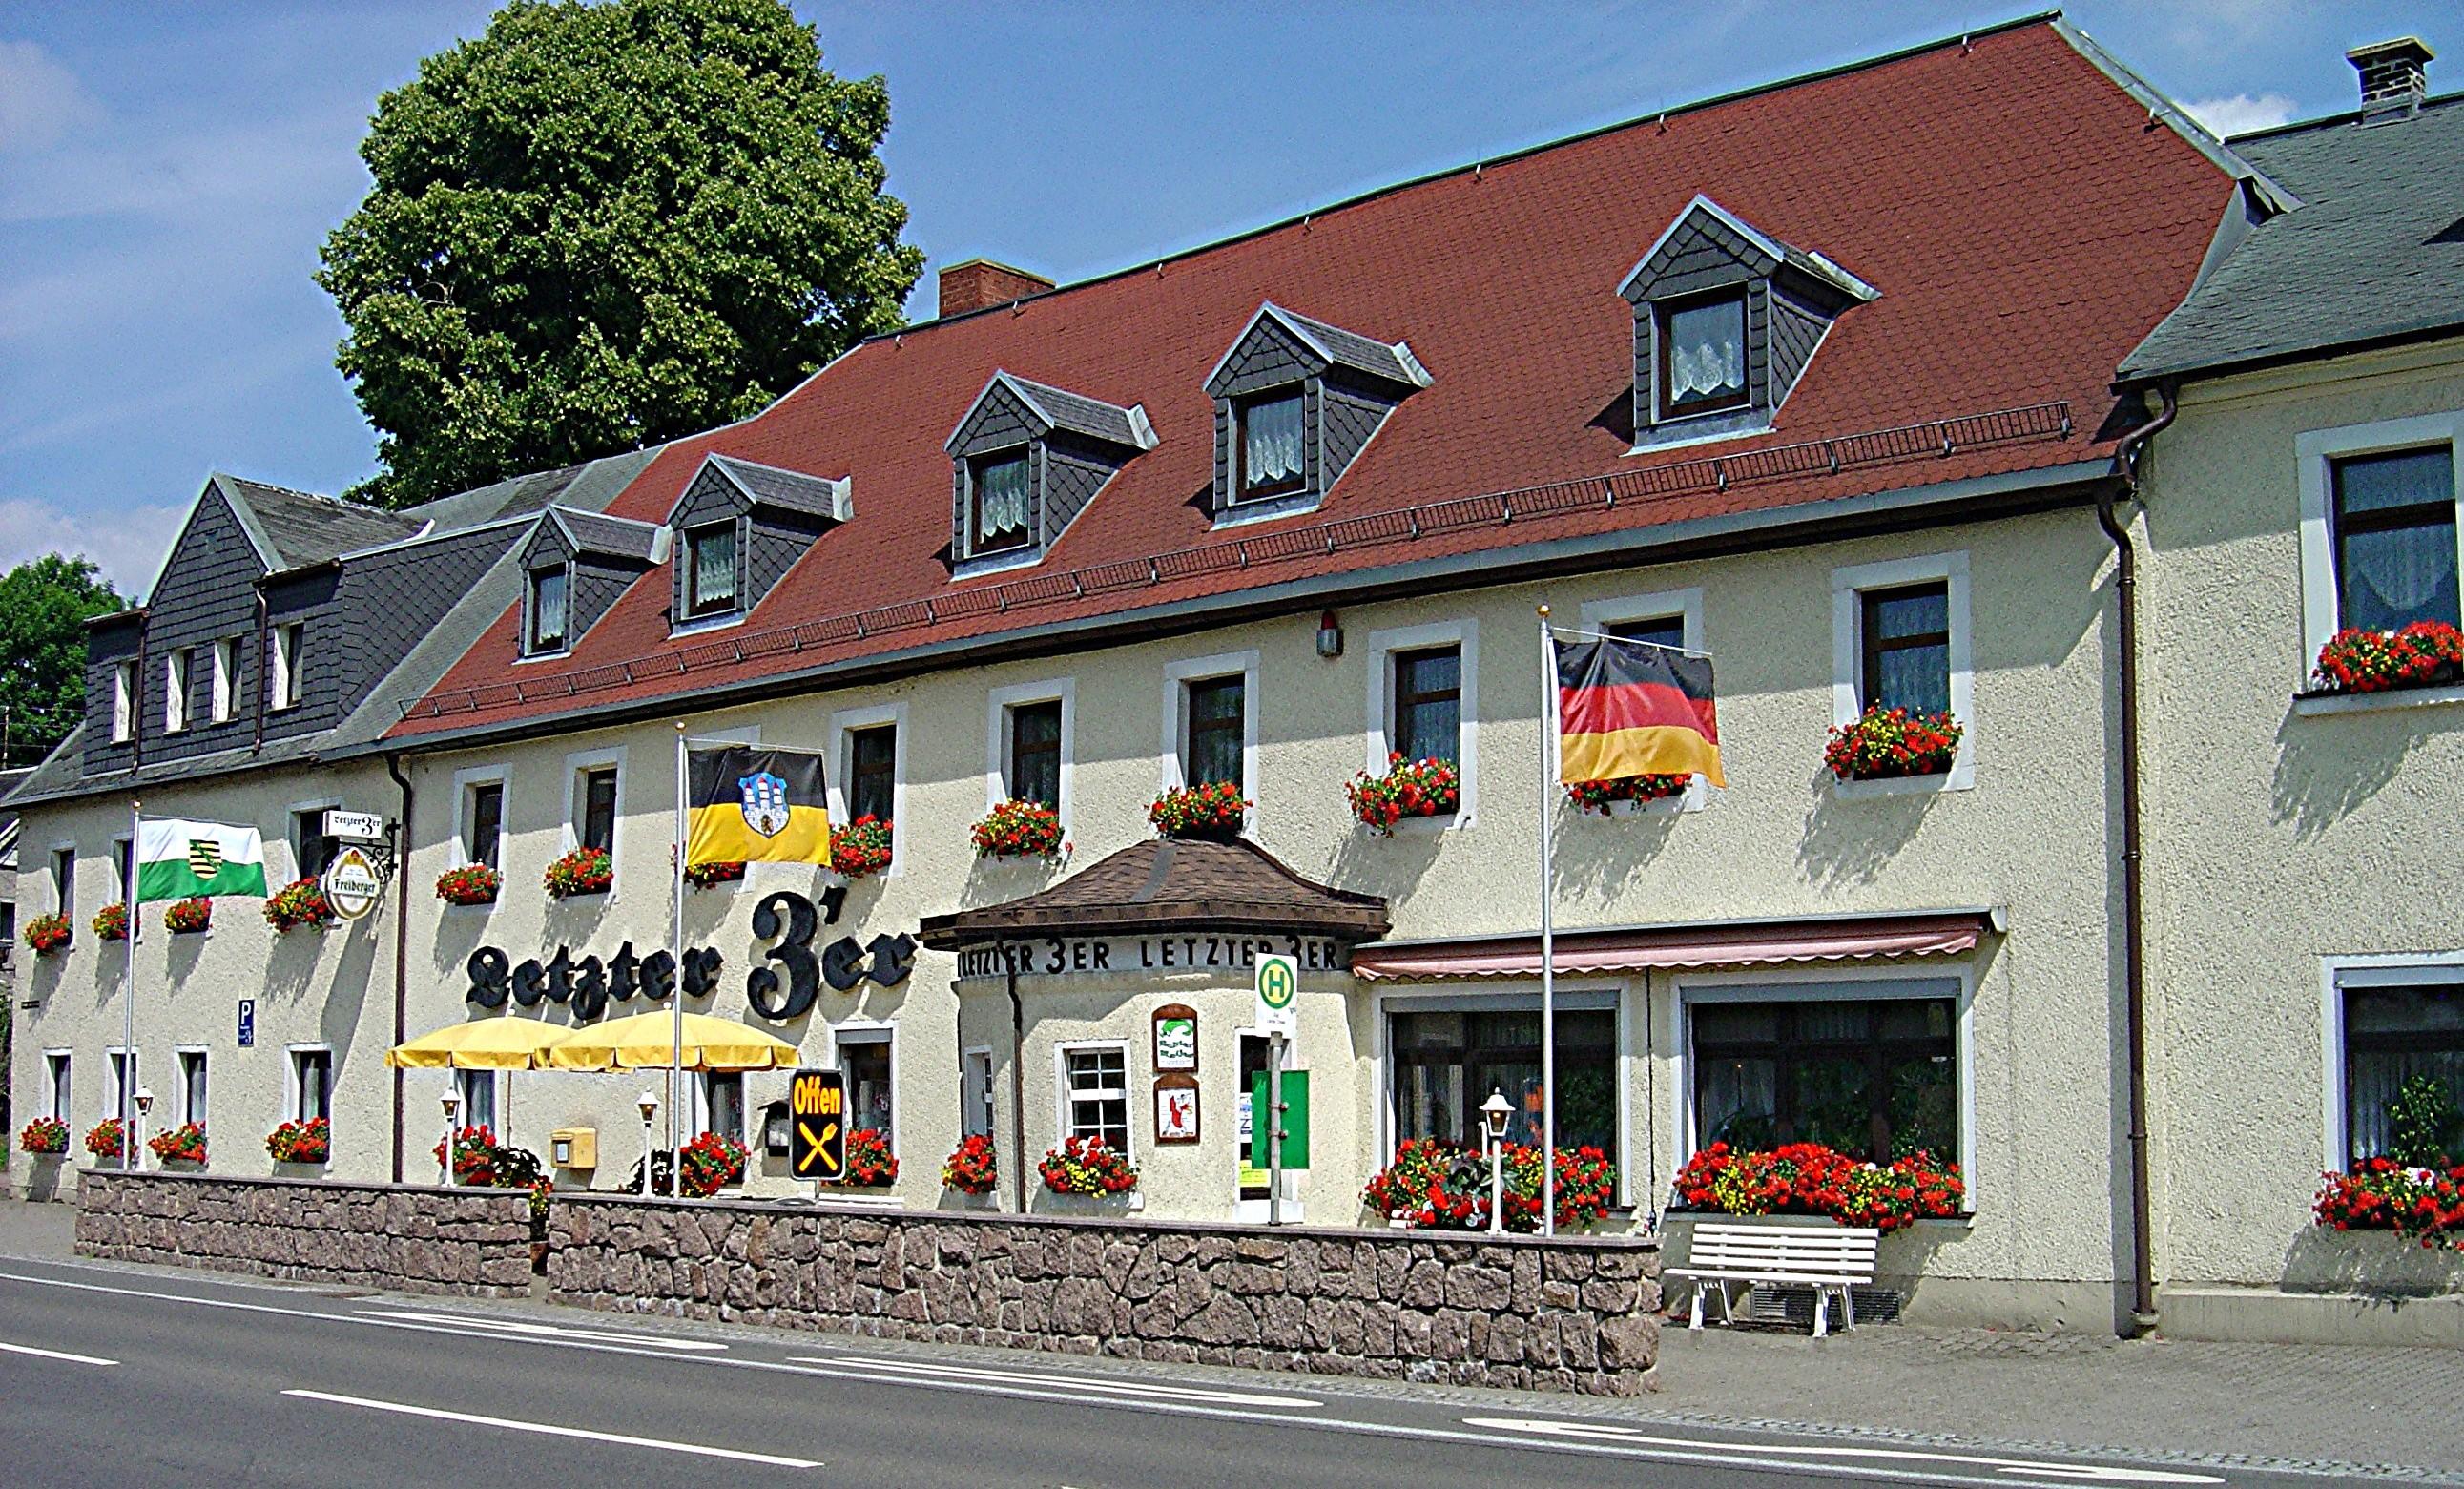 Gasthof Letzter 3er in Zug bei Freiberg